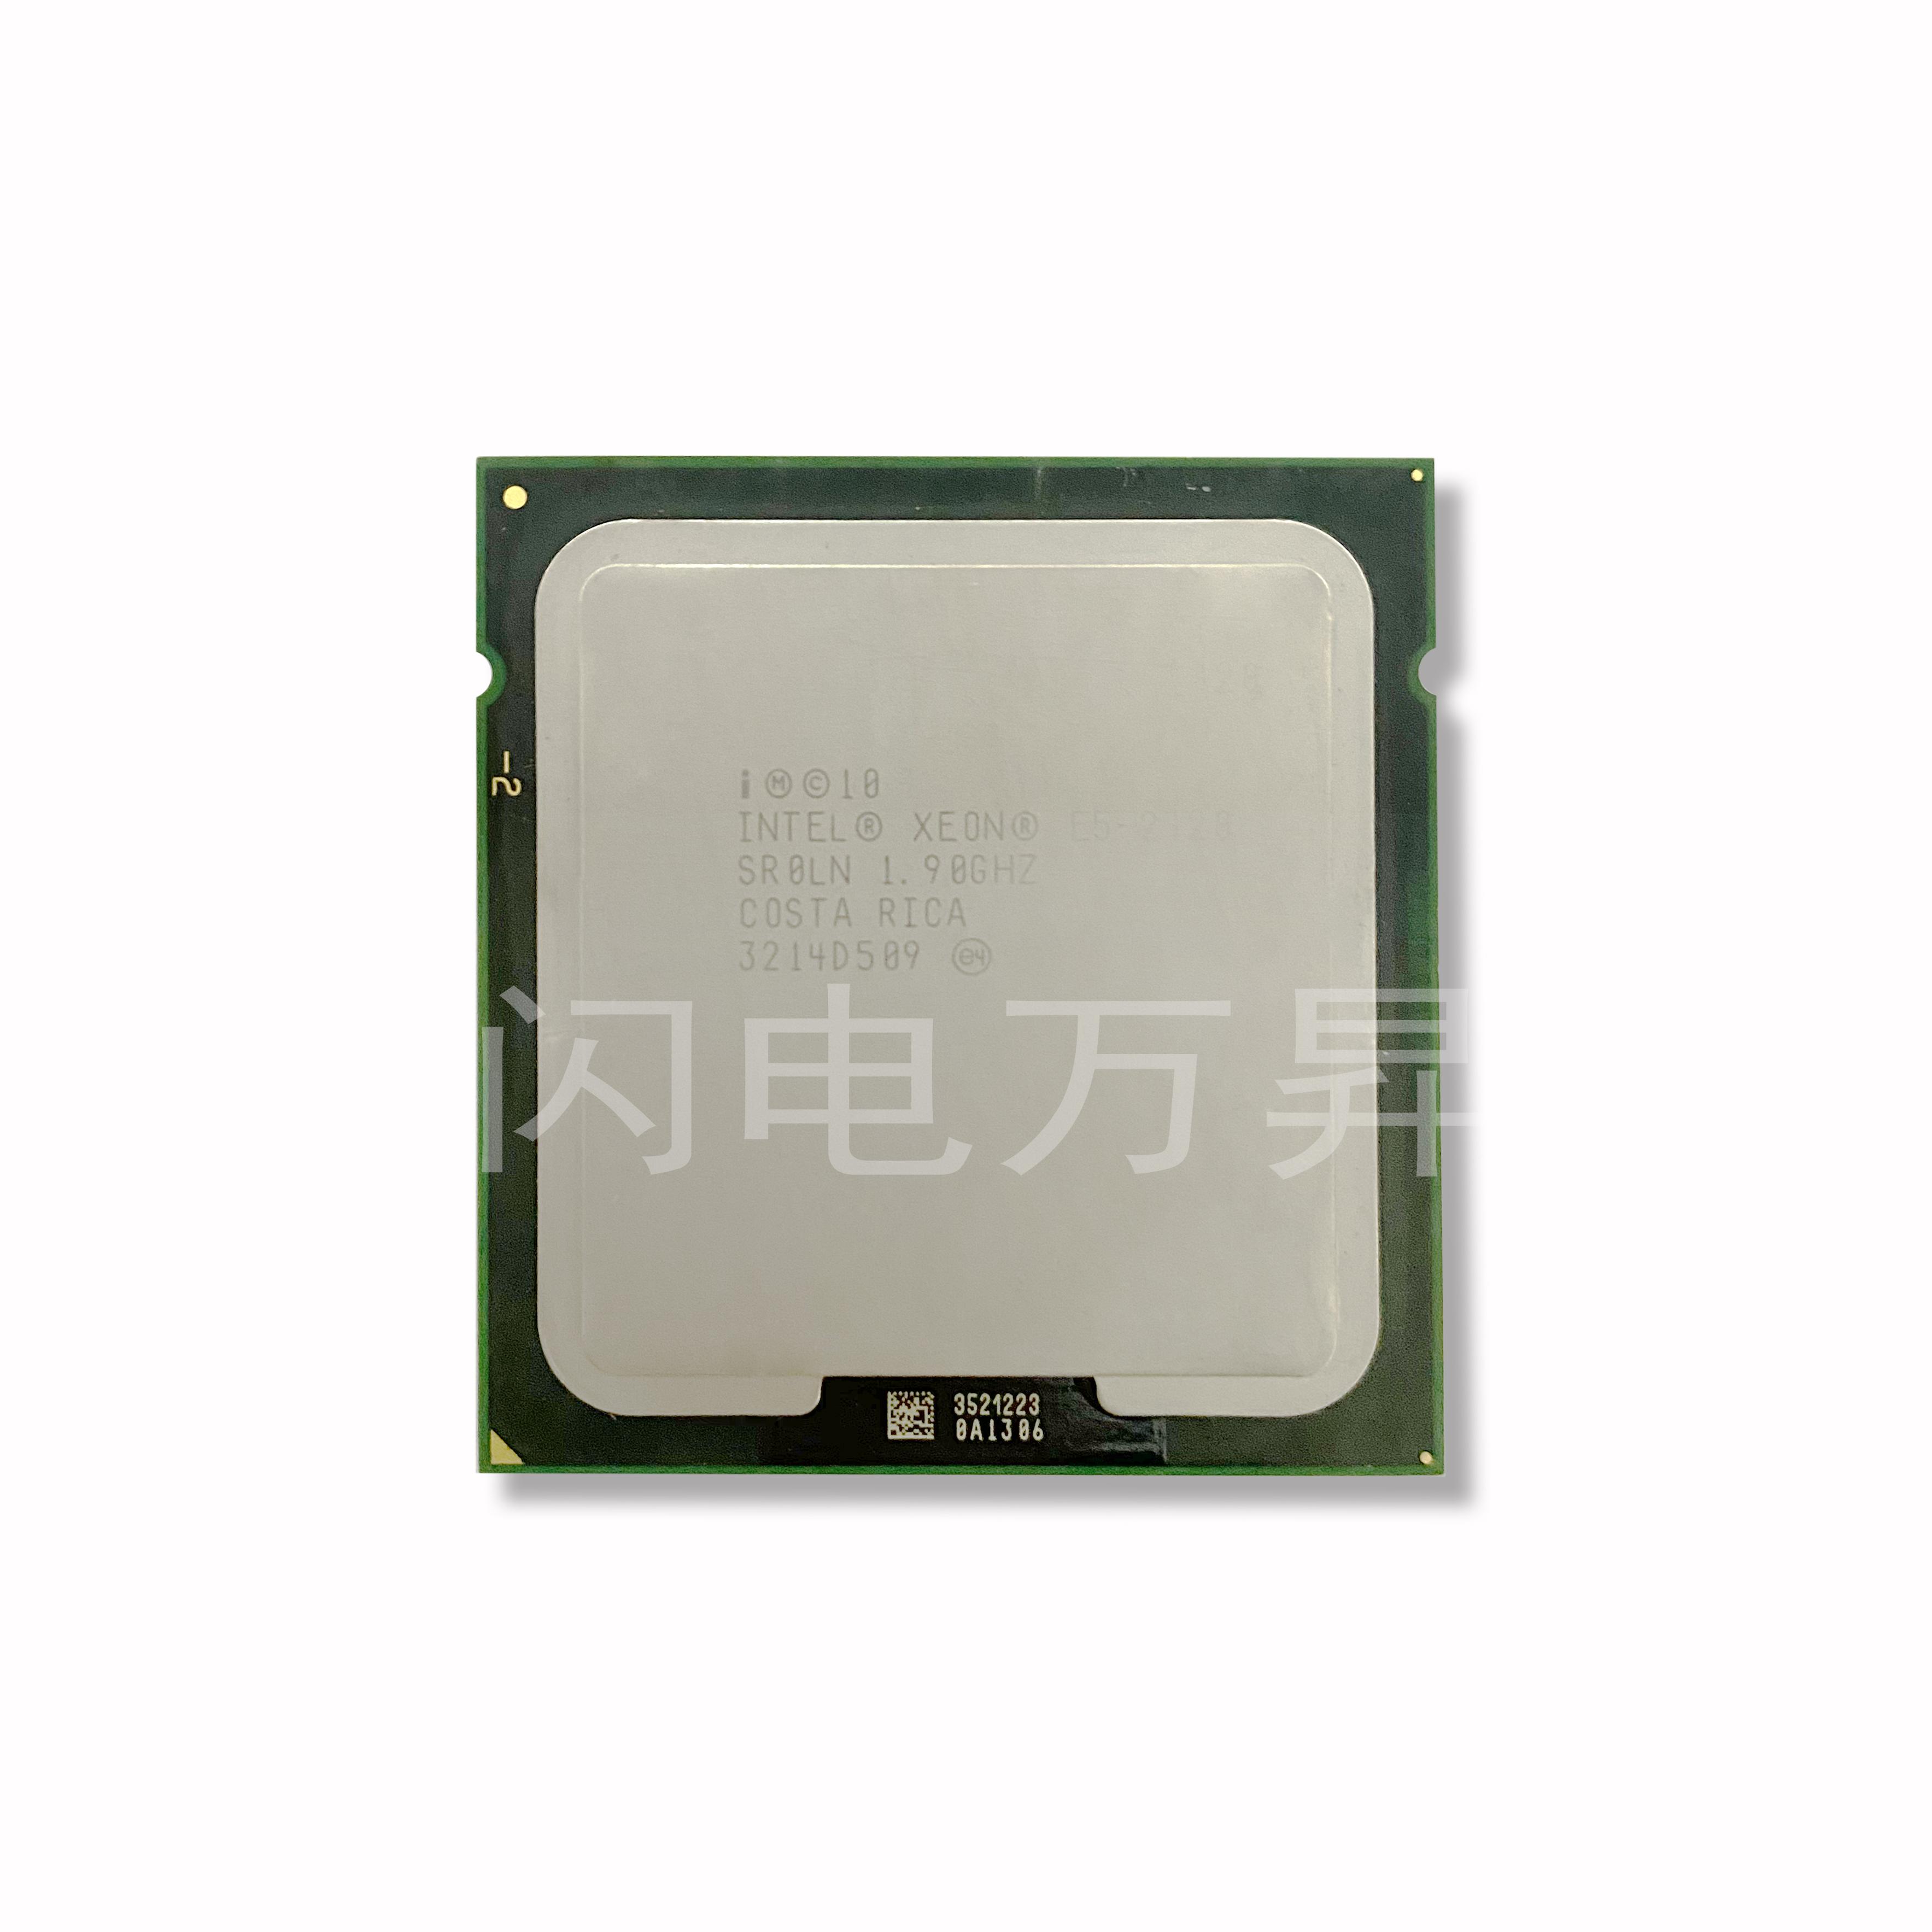 SR0LN (Intel Xeon E5-2420)